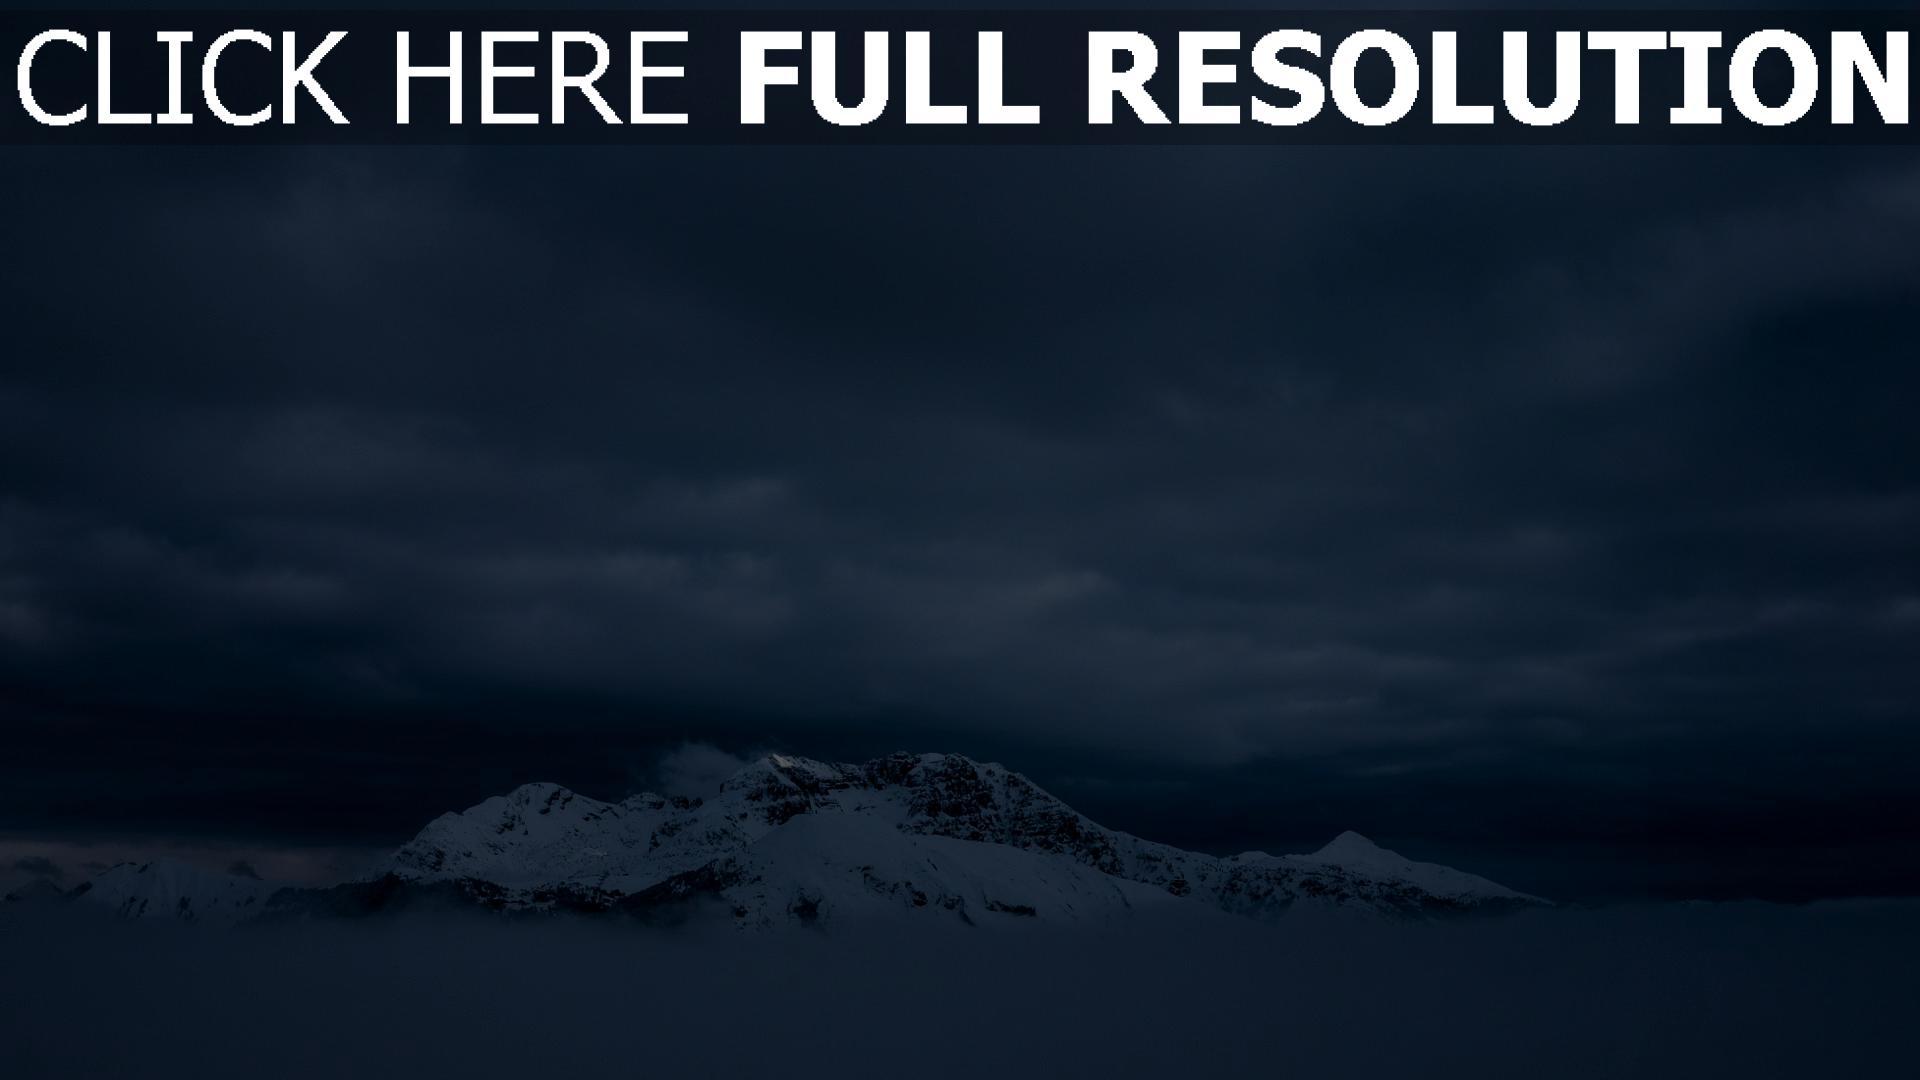 hd hintergrundbilder nebel berge schnee 1920x1080